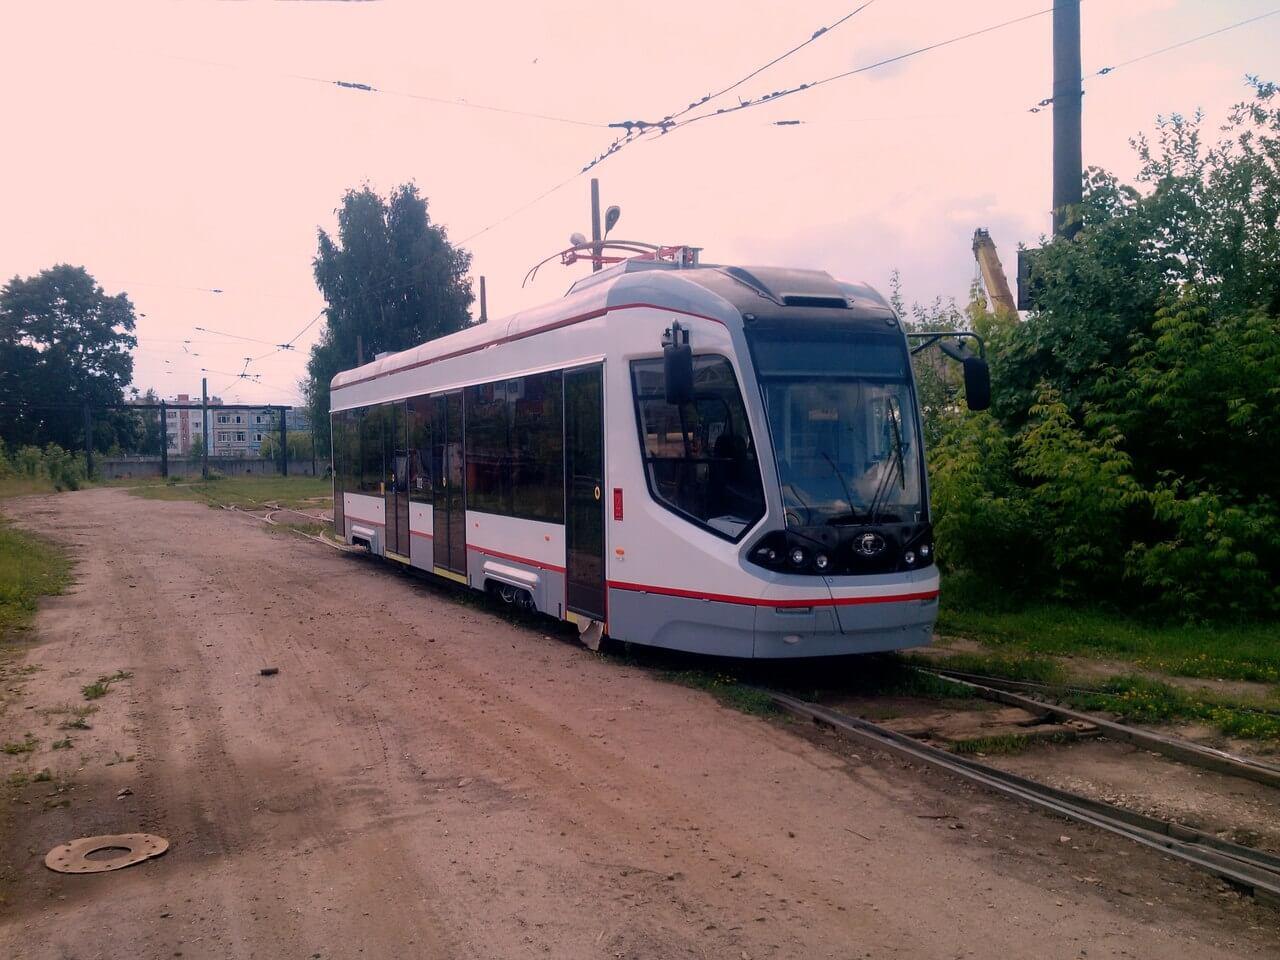 В День города на дорогах Твери появятся 5 новых трамваев City Star